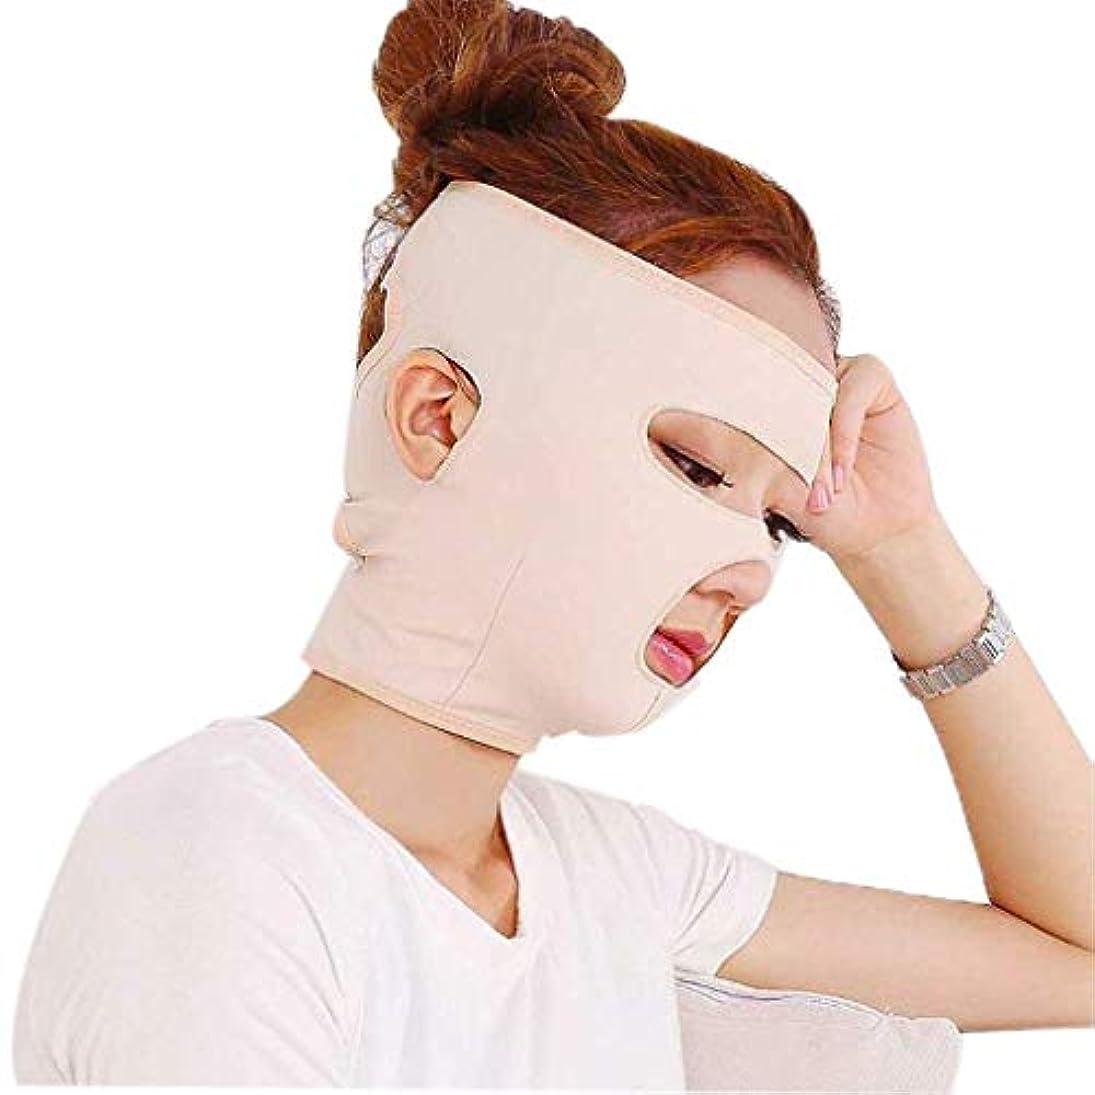 怪物繰り返しマカダムフェイスリフティングマスク、フルフェイス通気性の術後回復包帯リフティング引き締め肌の減少は、小さなVフェイスマスクを作成します(サイズ:M)